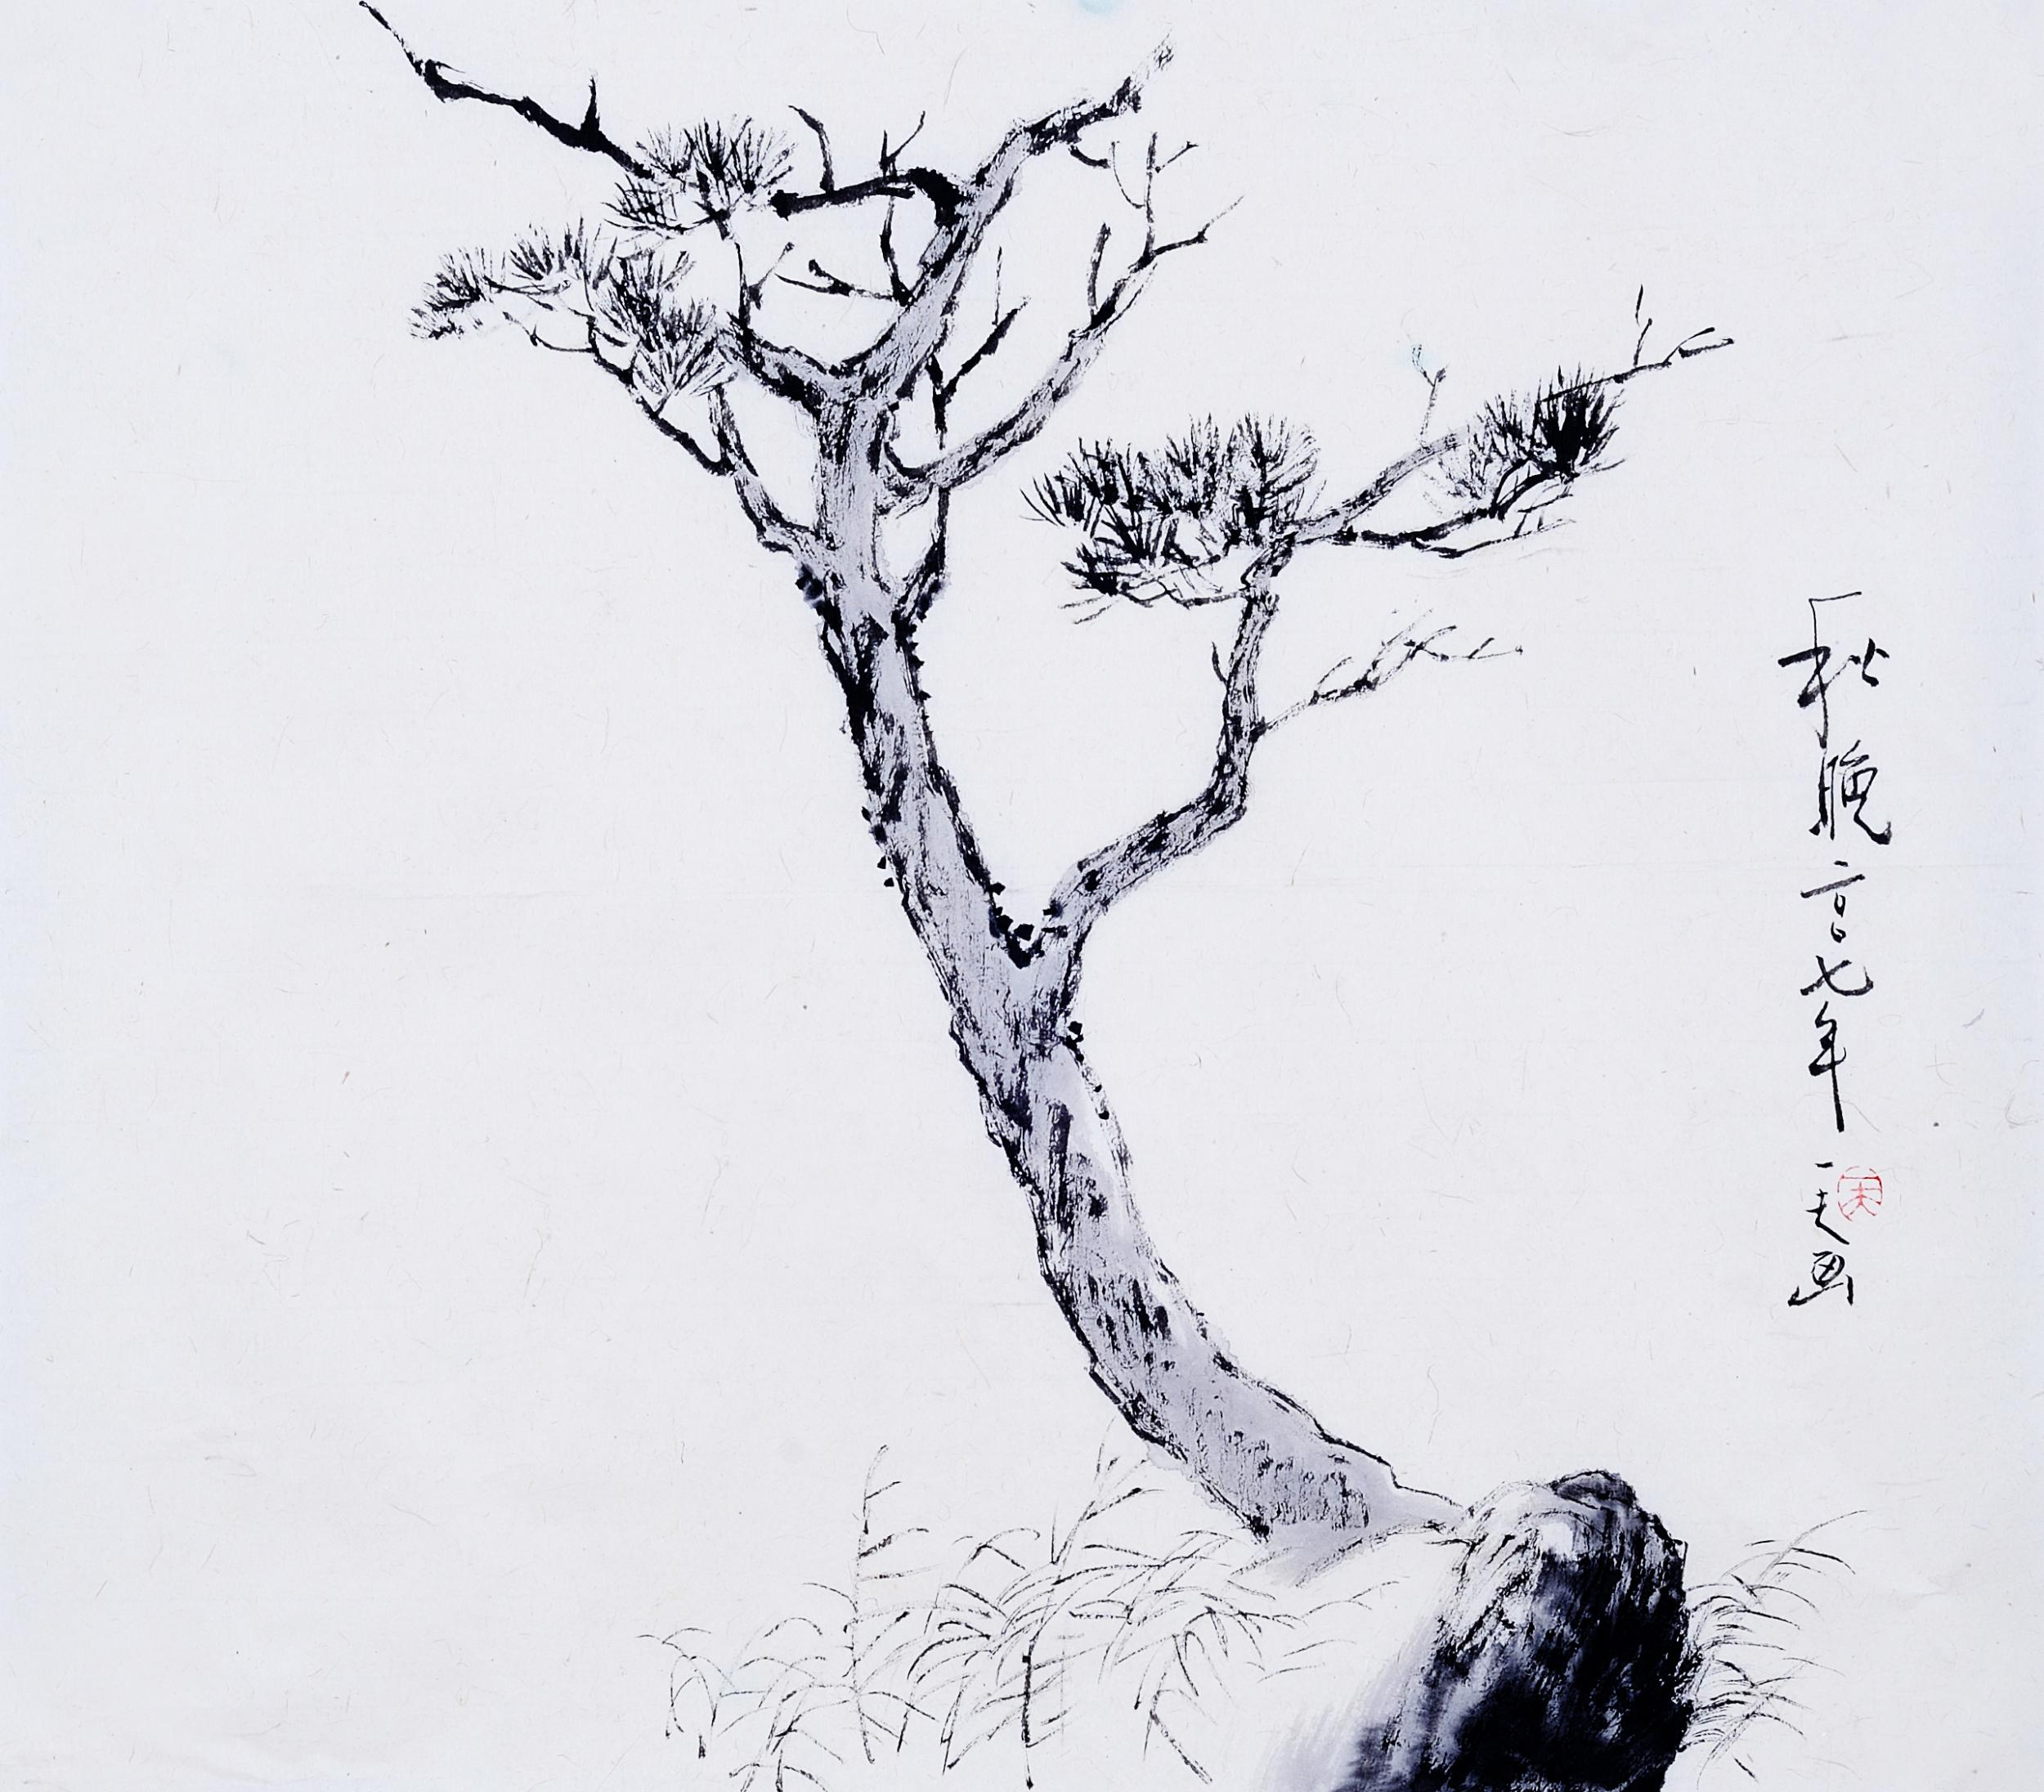 壑 馆藏夏一夫山水画作品展将在美博开展